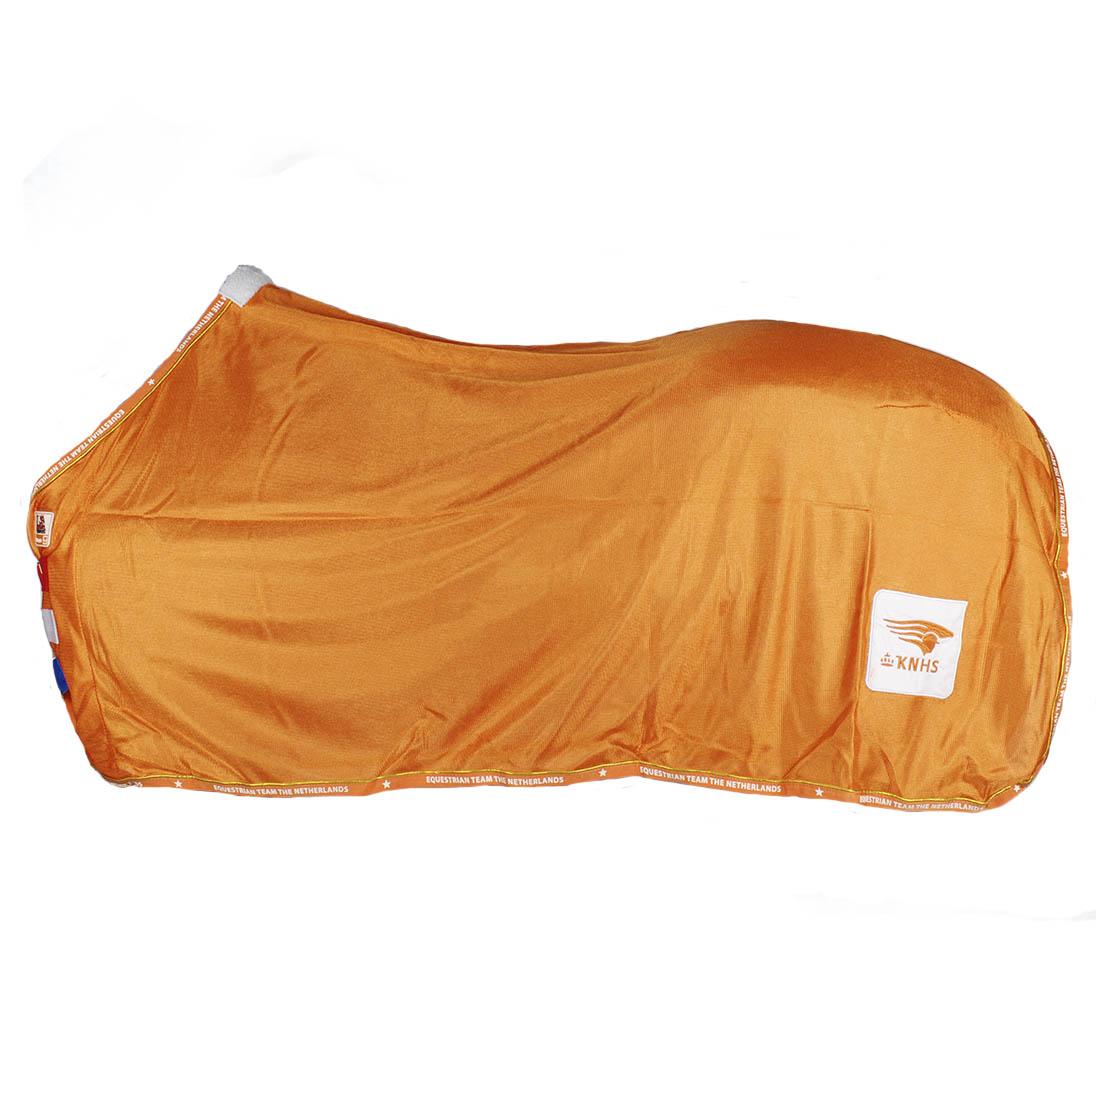 KNHS Vliegendeken III oranje maat:175